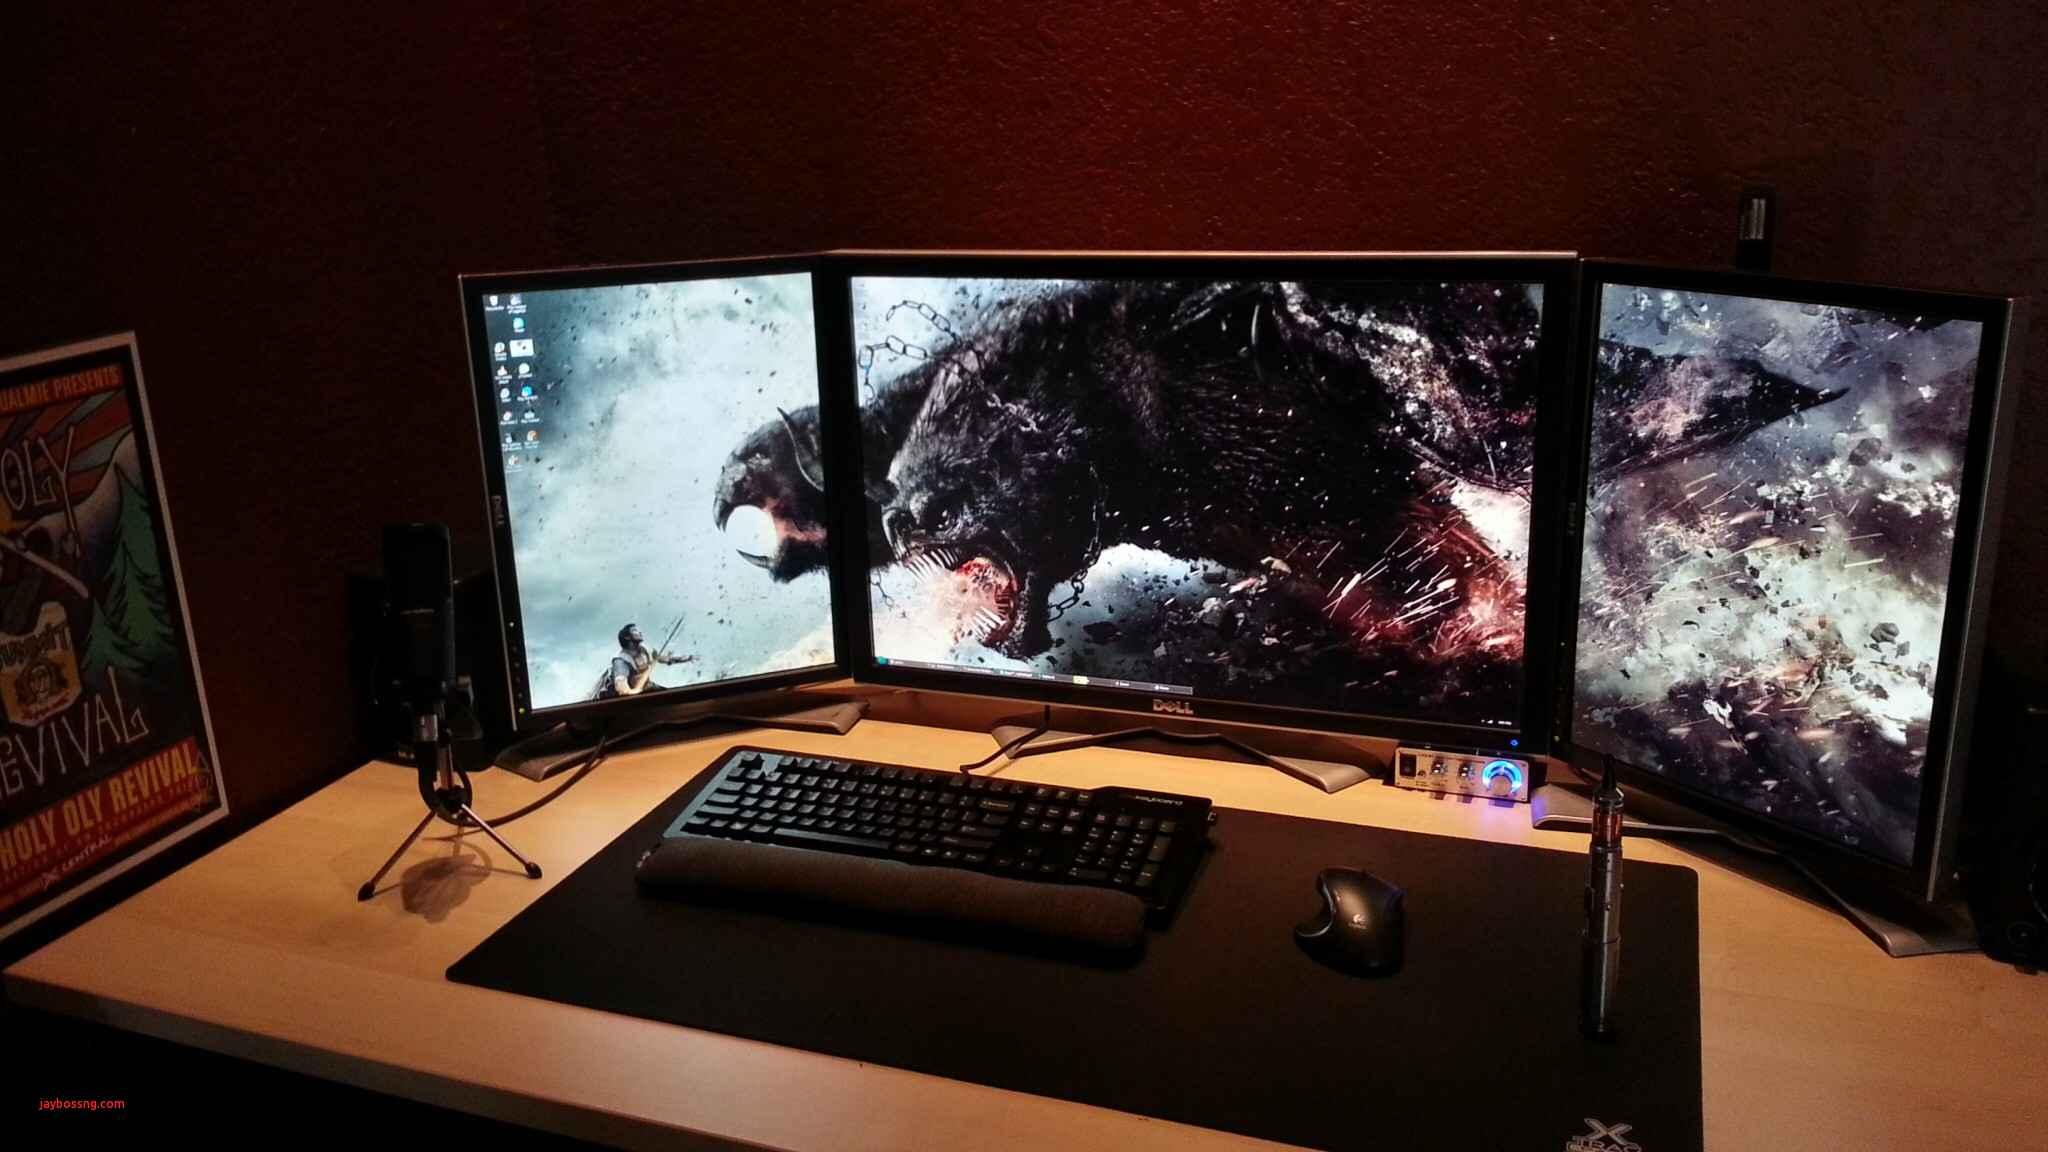 живем картинки для рабочего стола компьютерного атрибутом своим логотипом